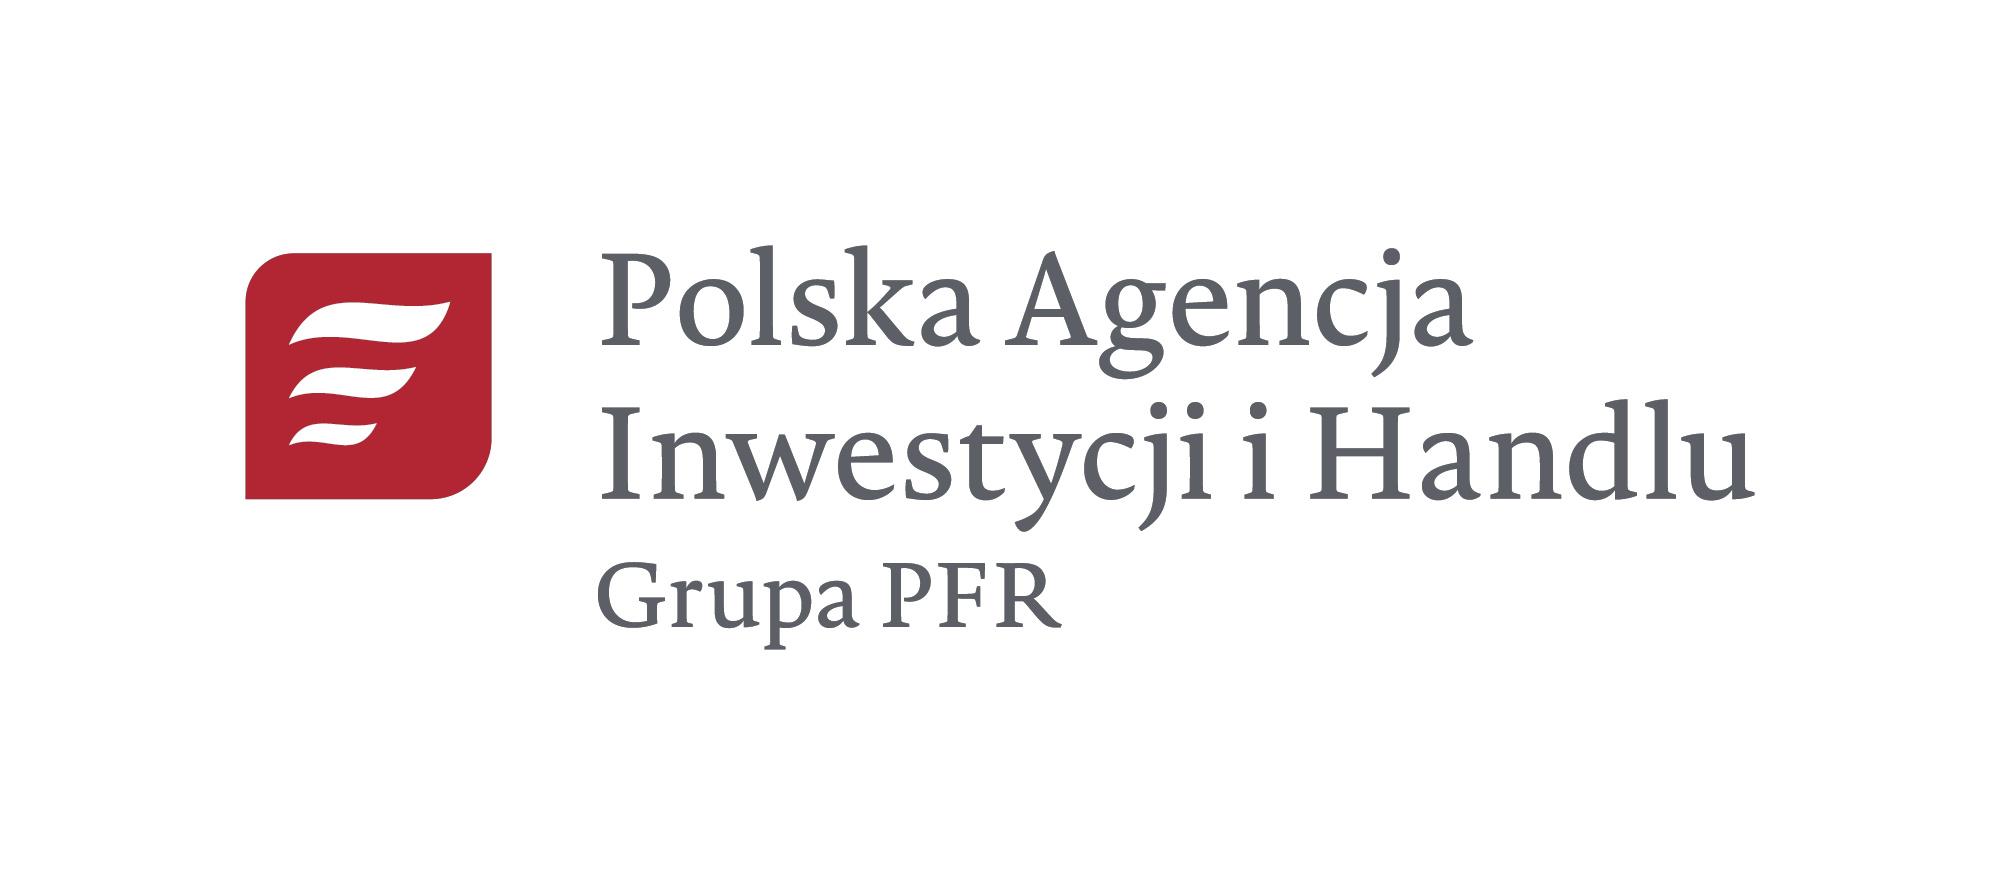 Polska Agencja Inwestycji i Handlu logo Pantone